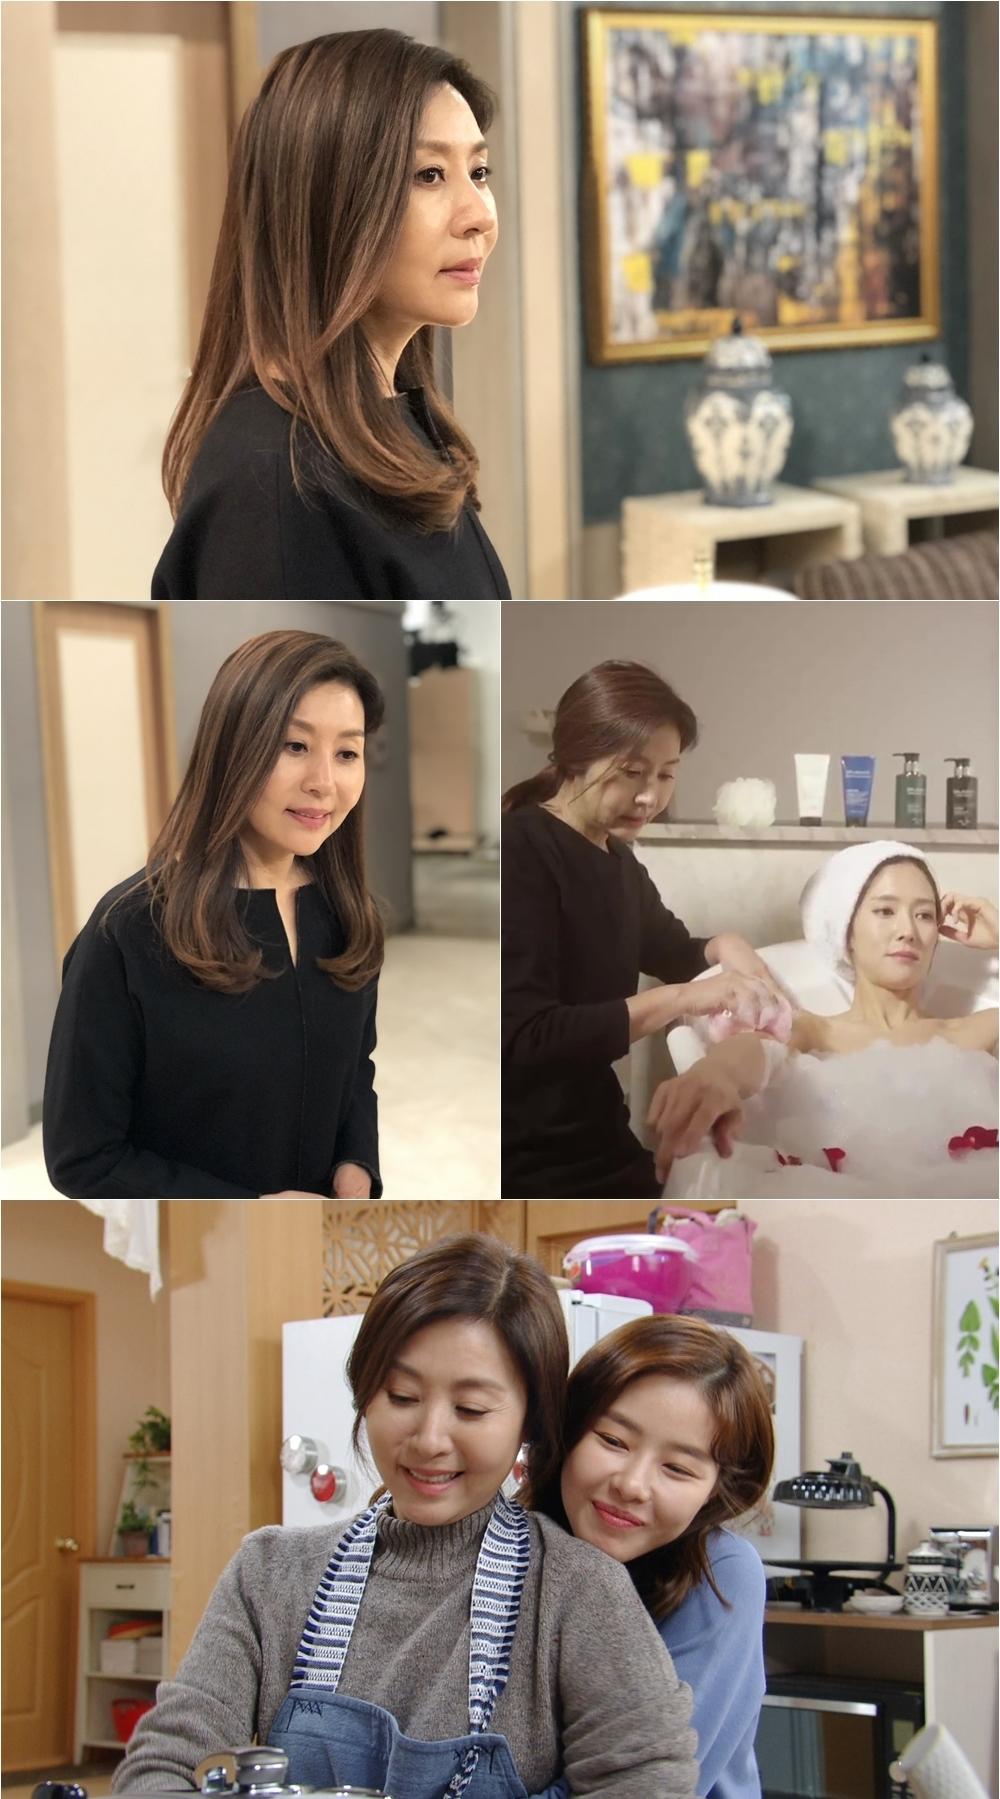 `내 남자의 비밀` 최명길 자상한 엄마의 충격적 두 얼굴 공개